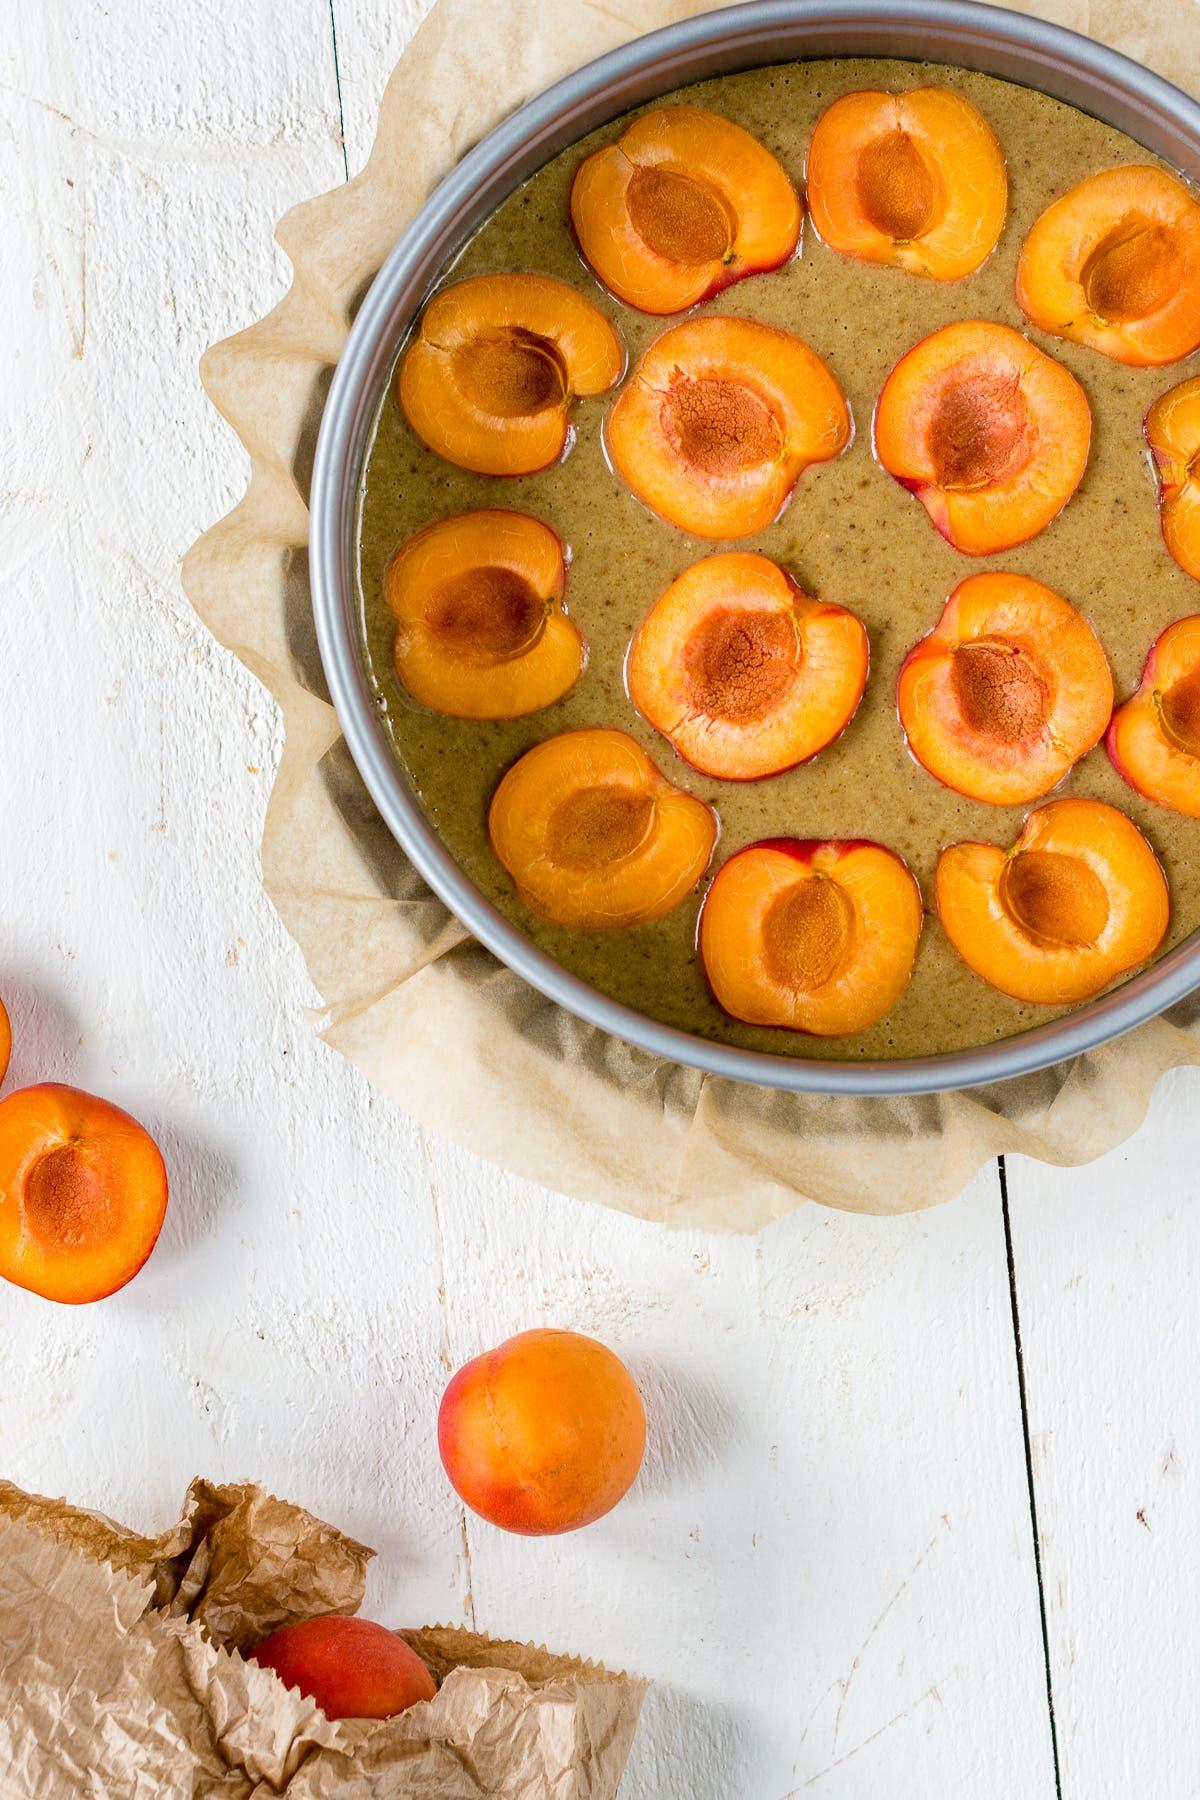 Bild von oben von einem Aprikosenkuchen der als nächstes in den Backofen kommt.